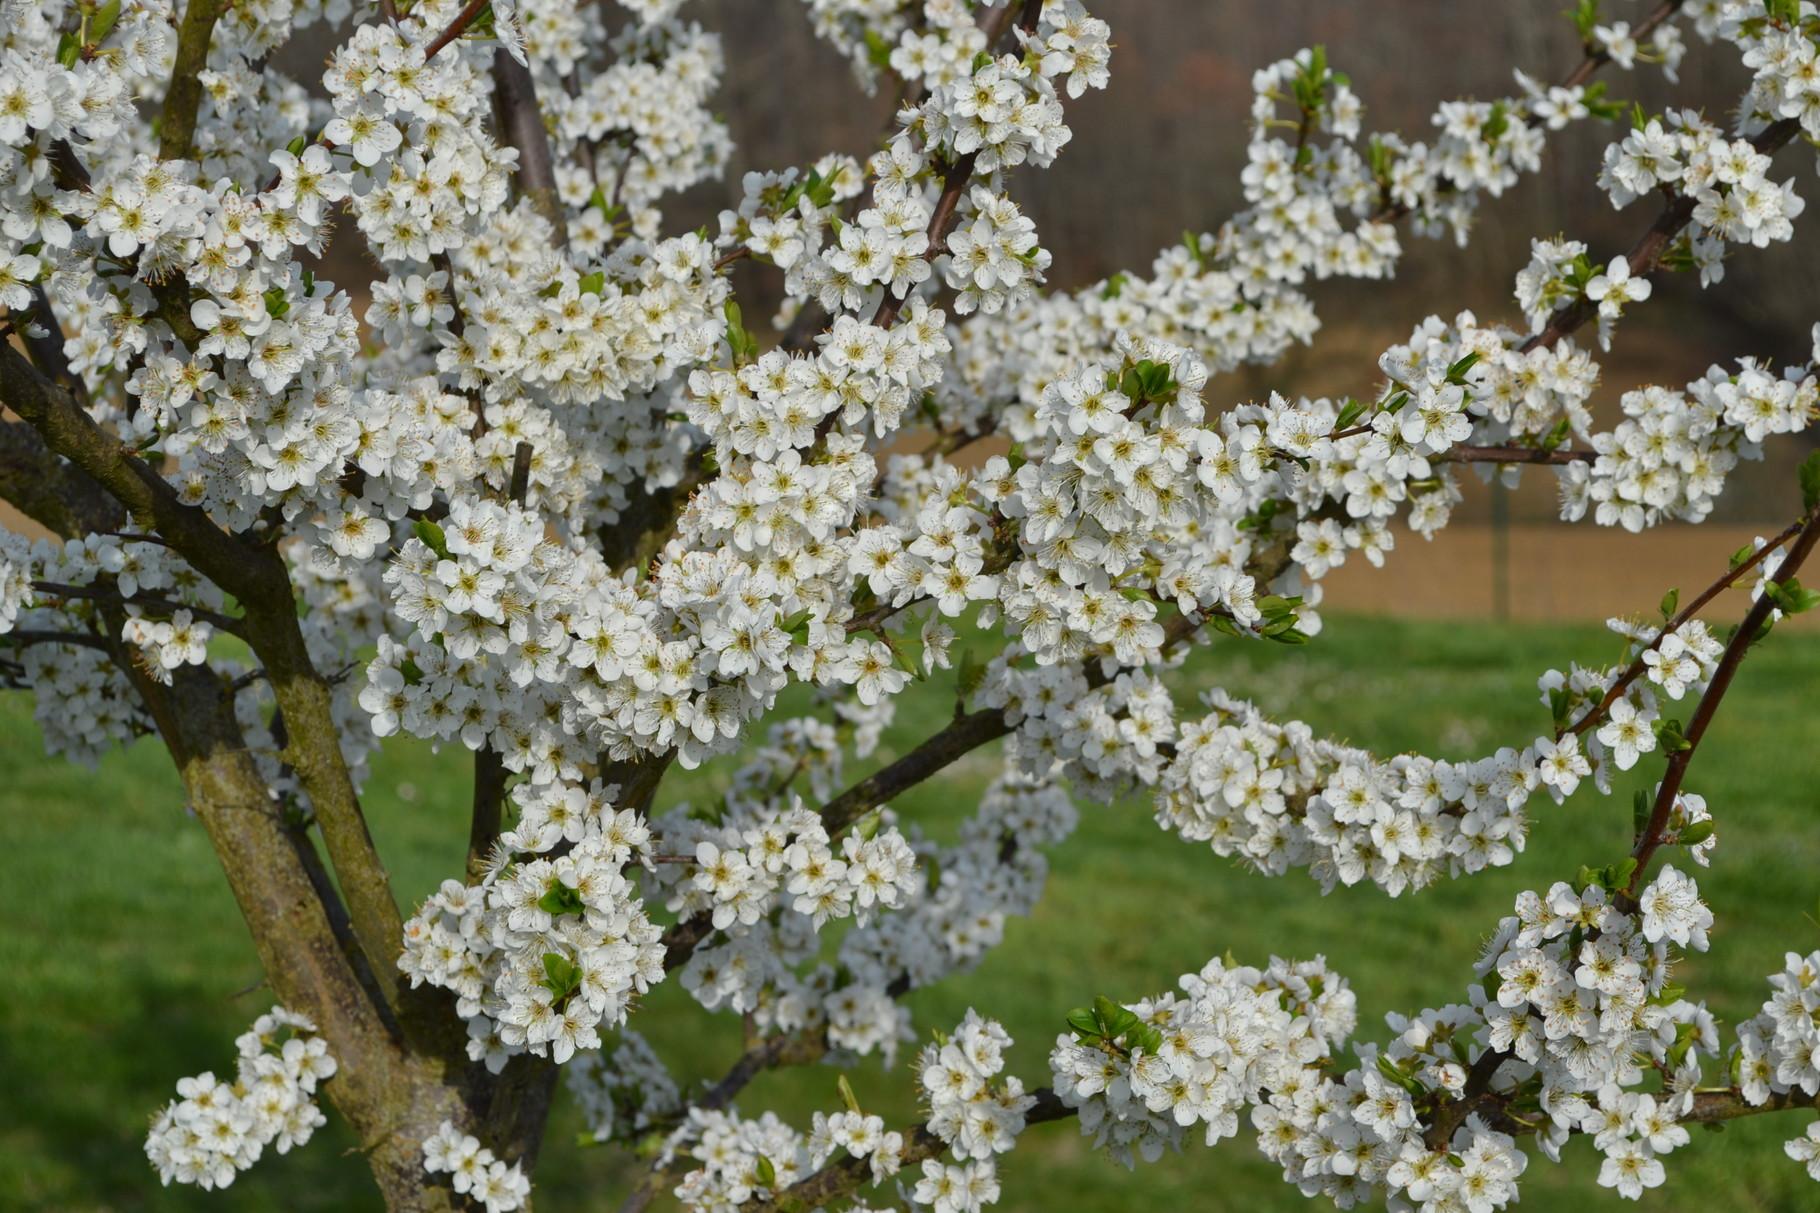 Le printemps s'annonce, les fruitiers sont en fleurs en attendant les fruits que vous pourrez déguster sur place.